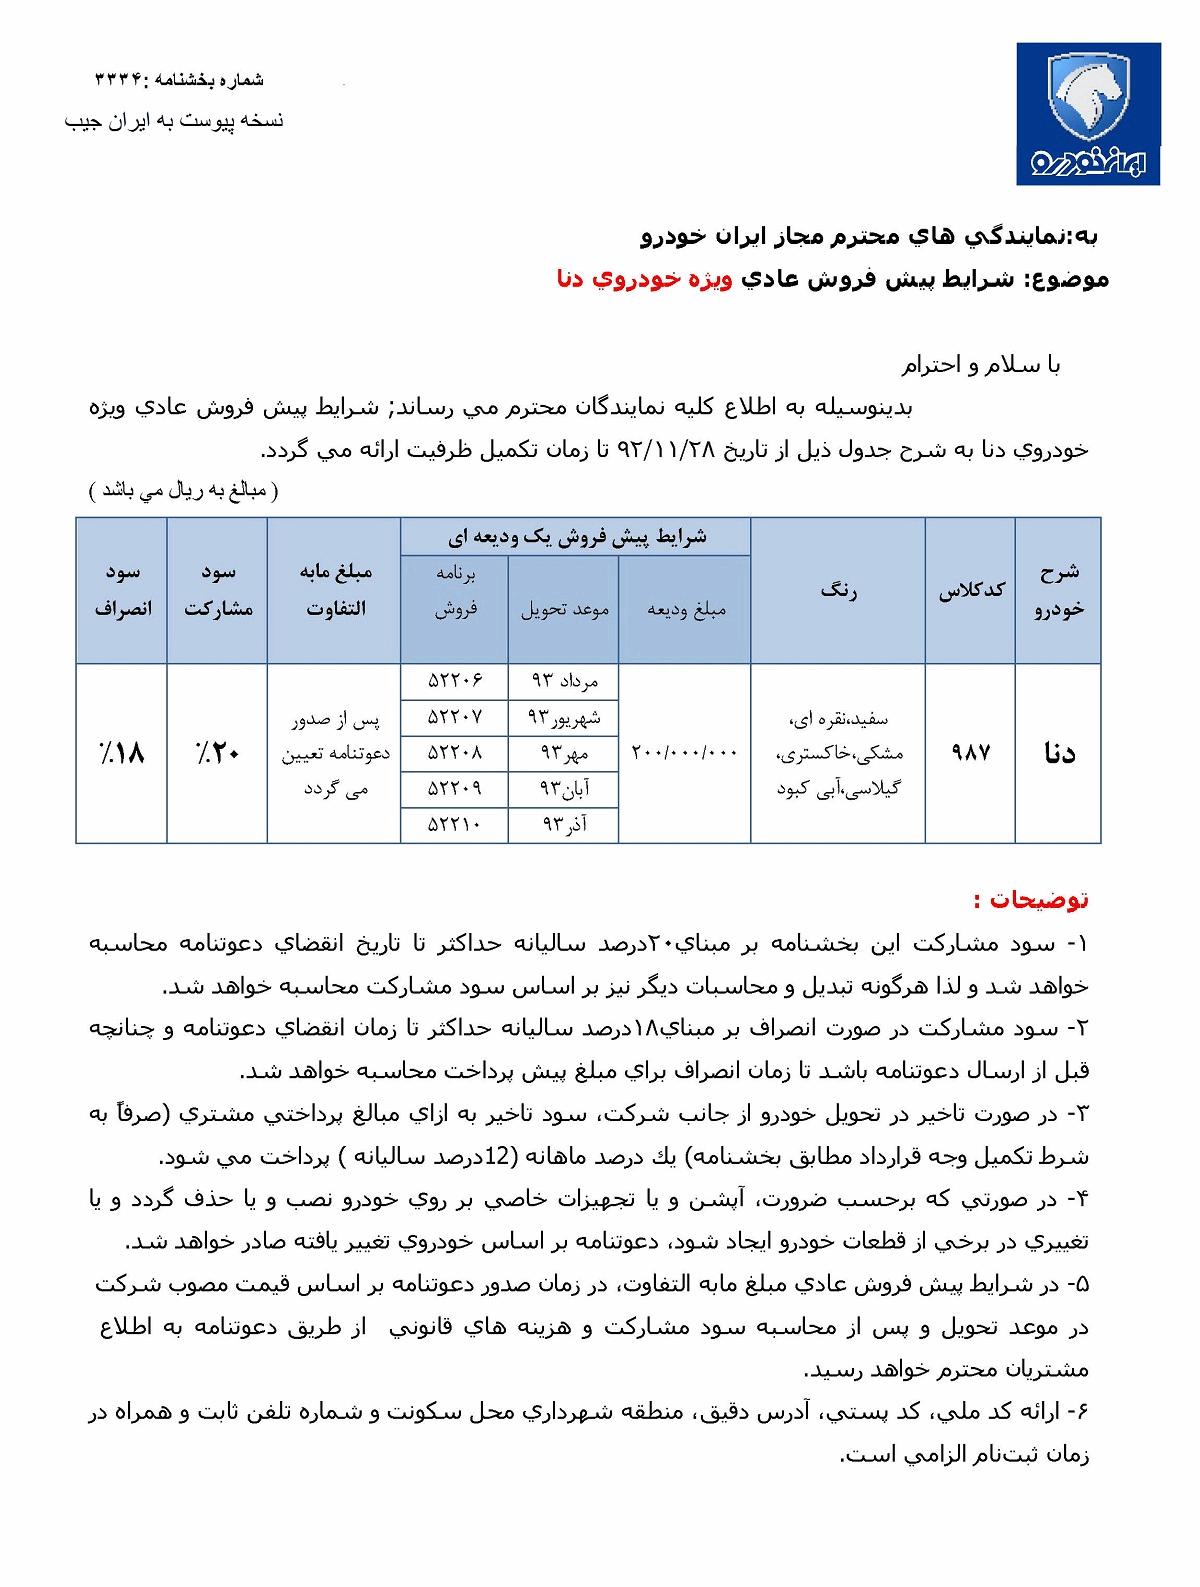 قیمت خودرو دنا در نمایندگی